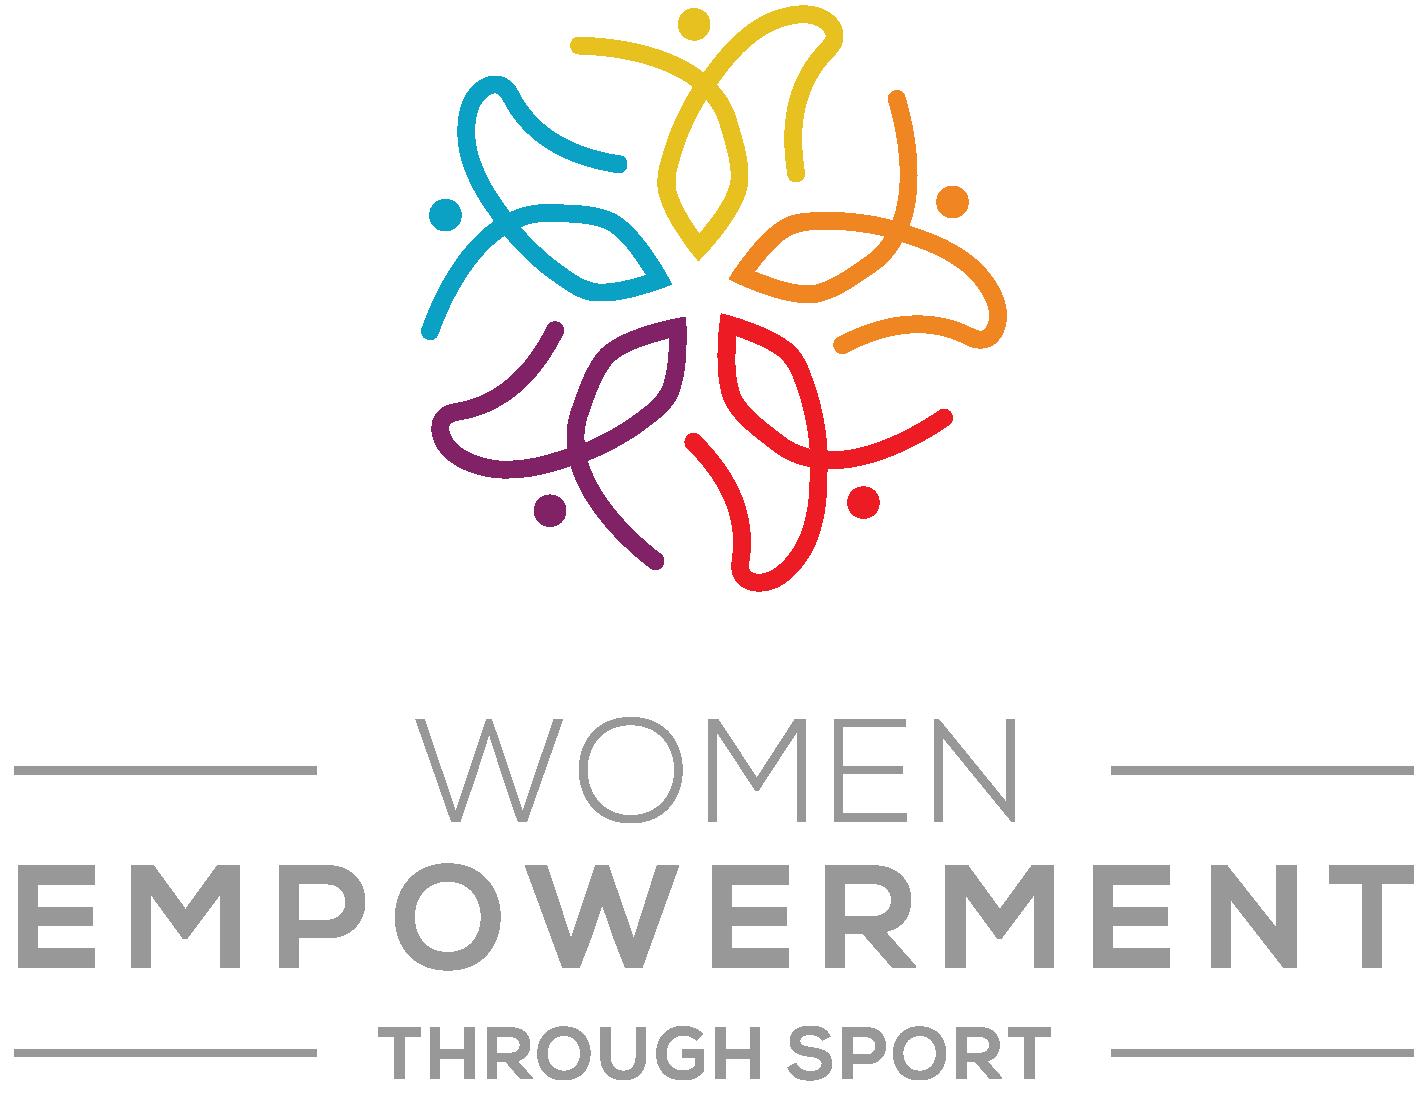 Women Empowerment through Sport